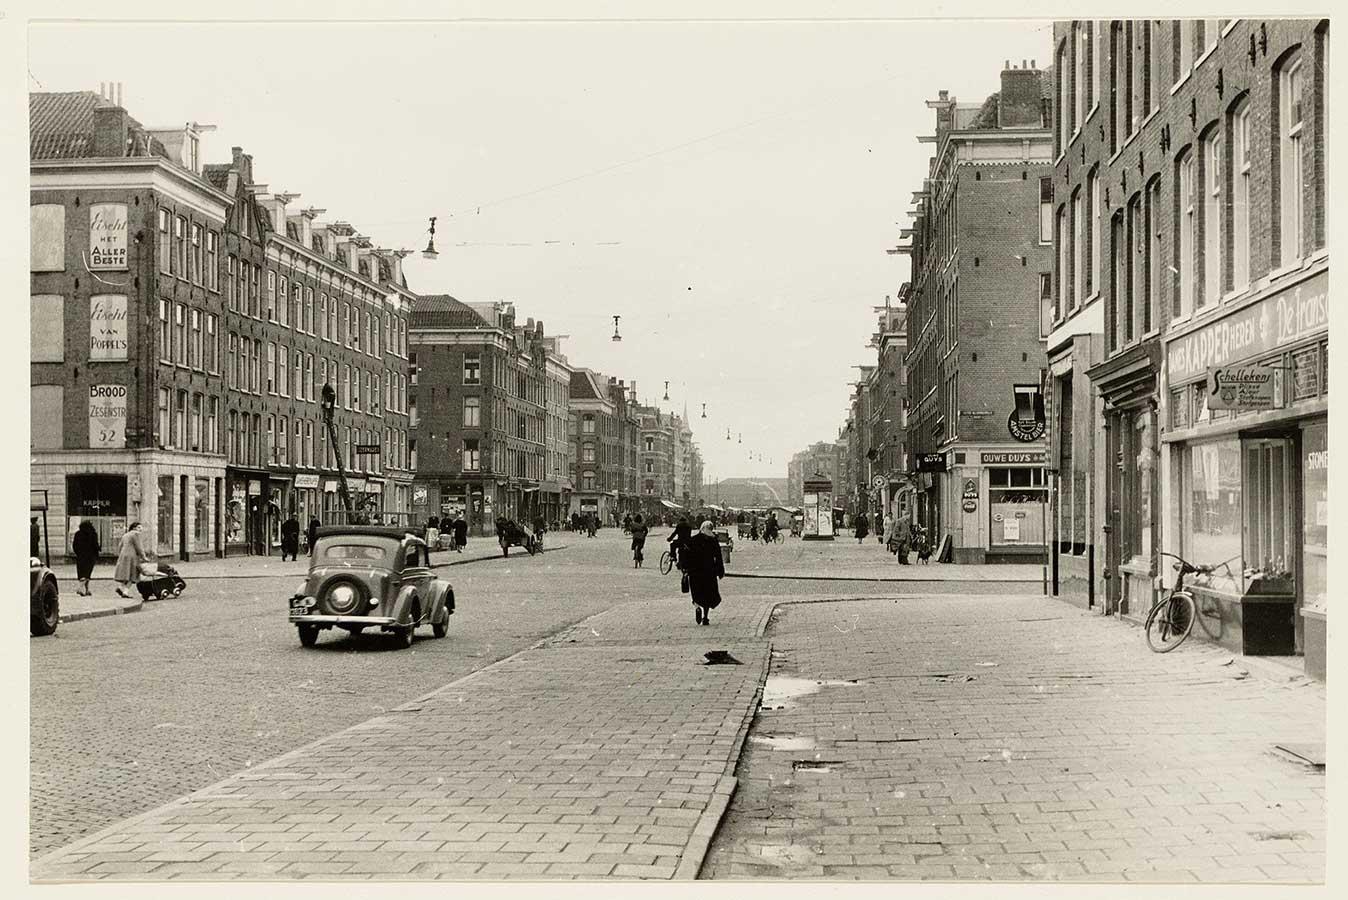 Dapperstraat zonder markt en nog niet geasfalteerd. Auto rijdt over de straat, vrouw loopt over brede stoep, vrouw met kinderwagen steekt over.